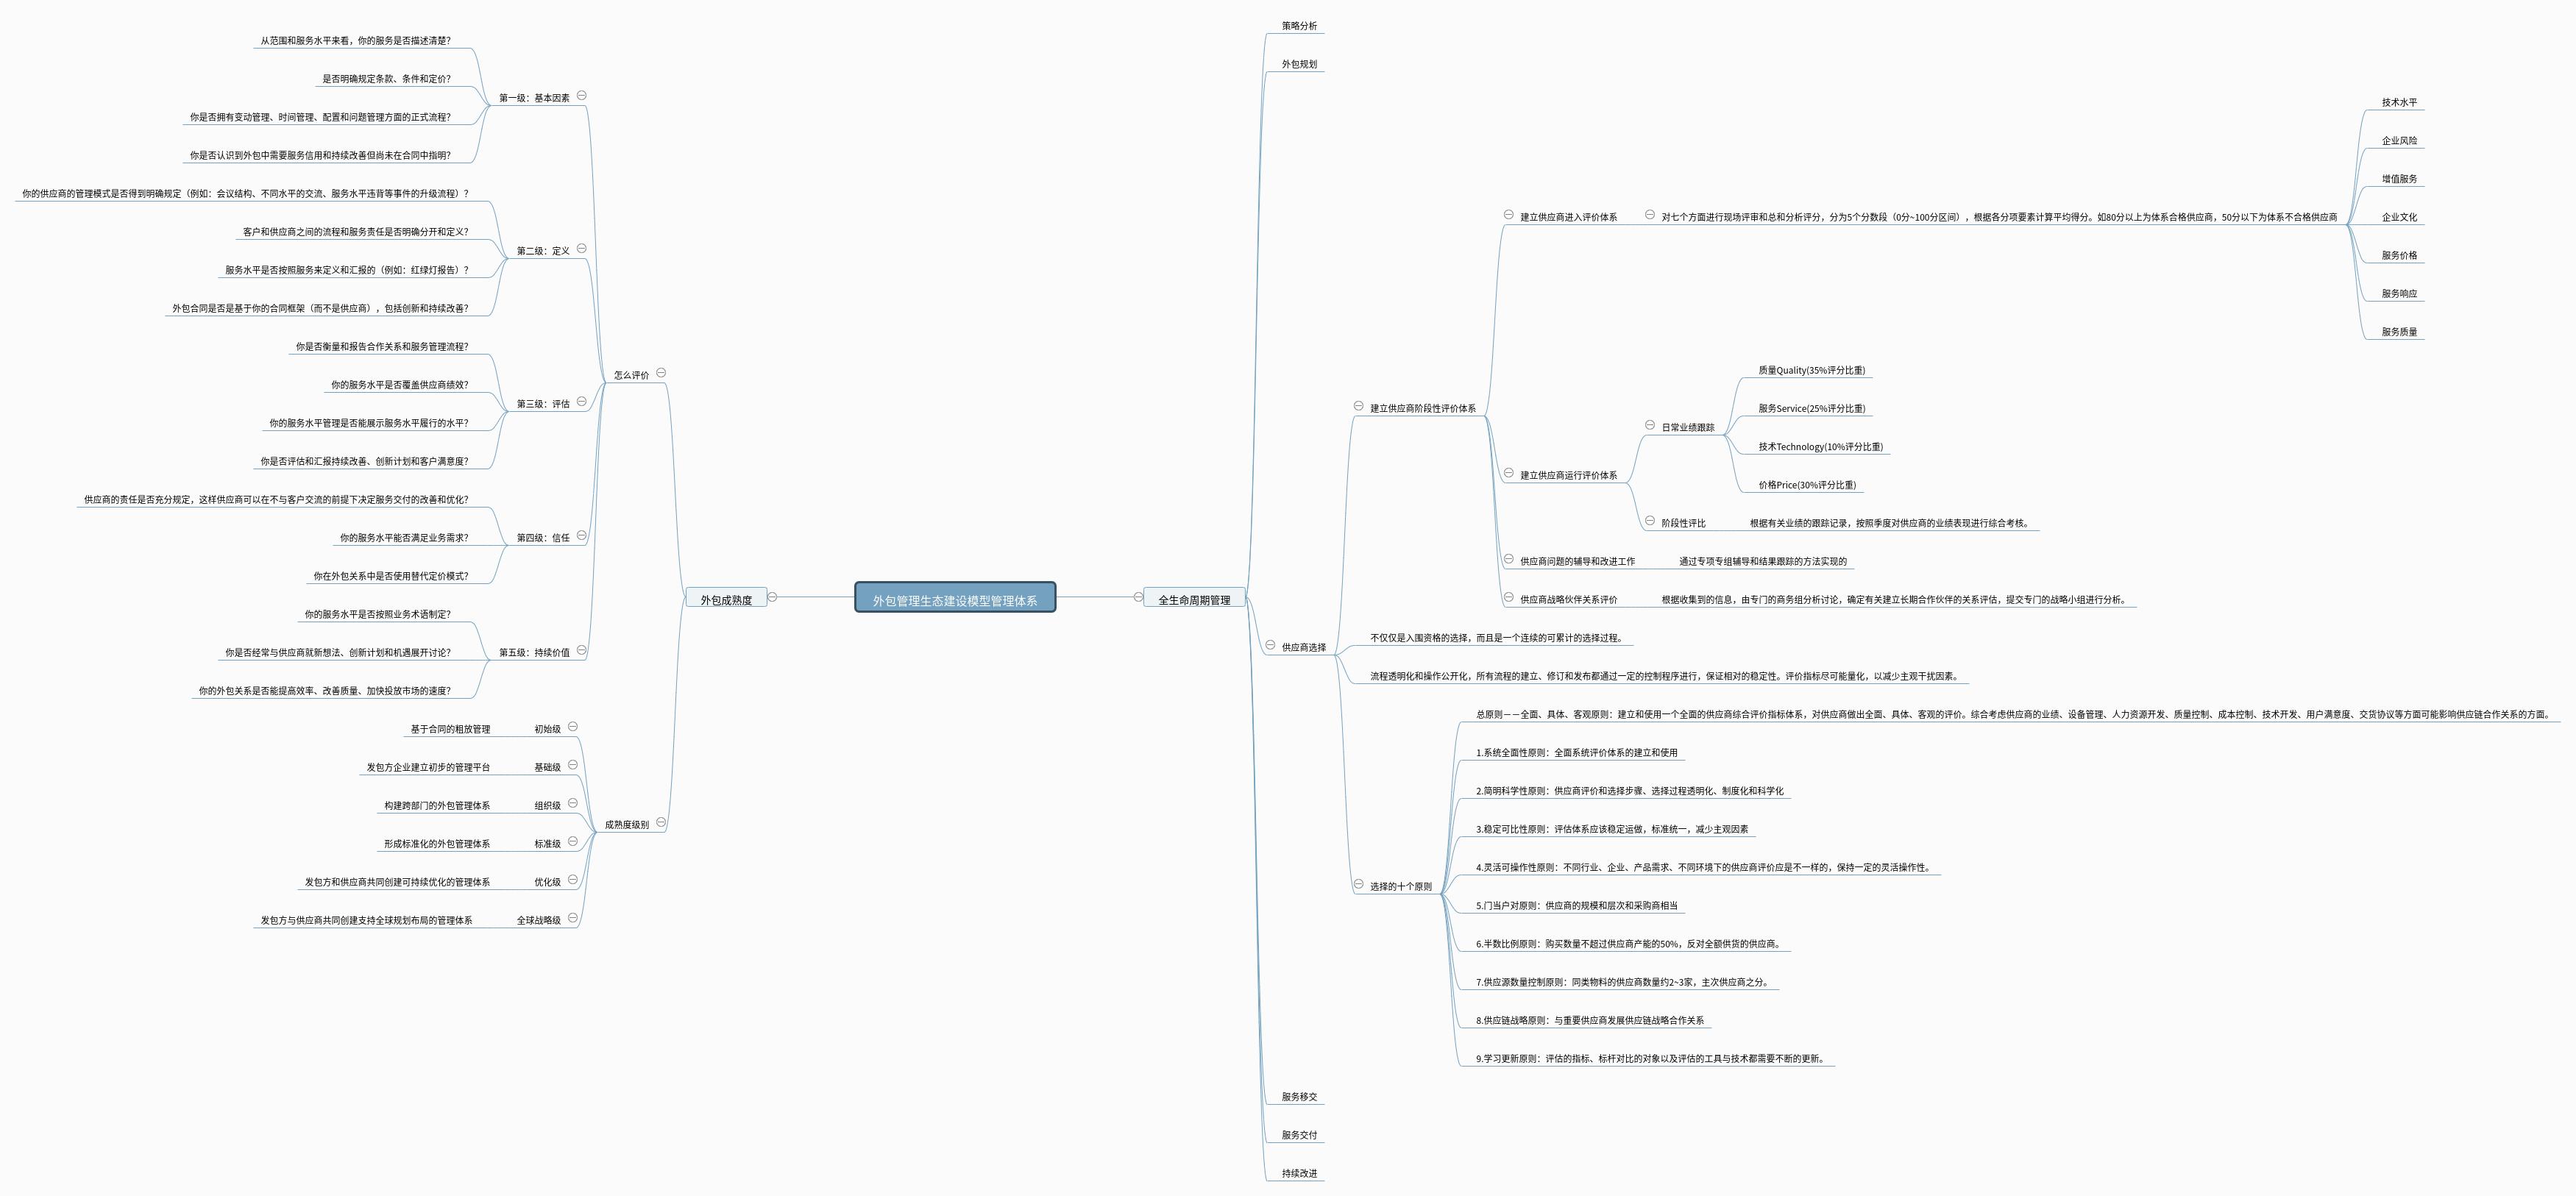 外包管理生态建设模型管理体系